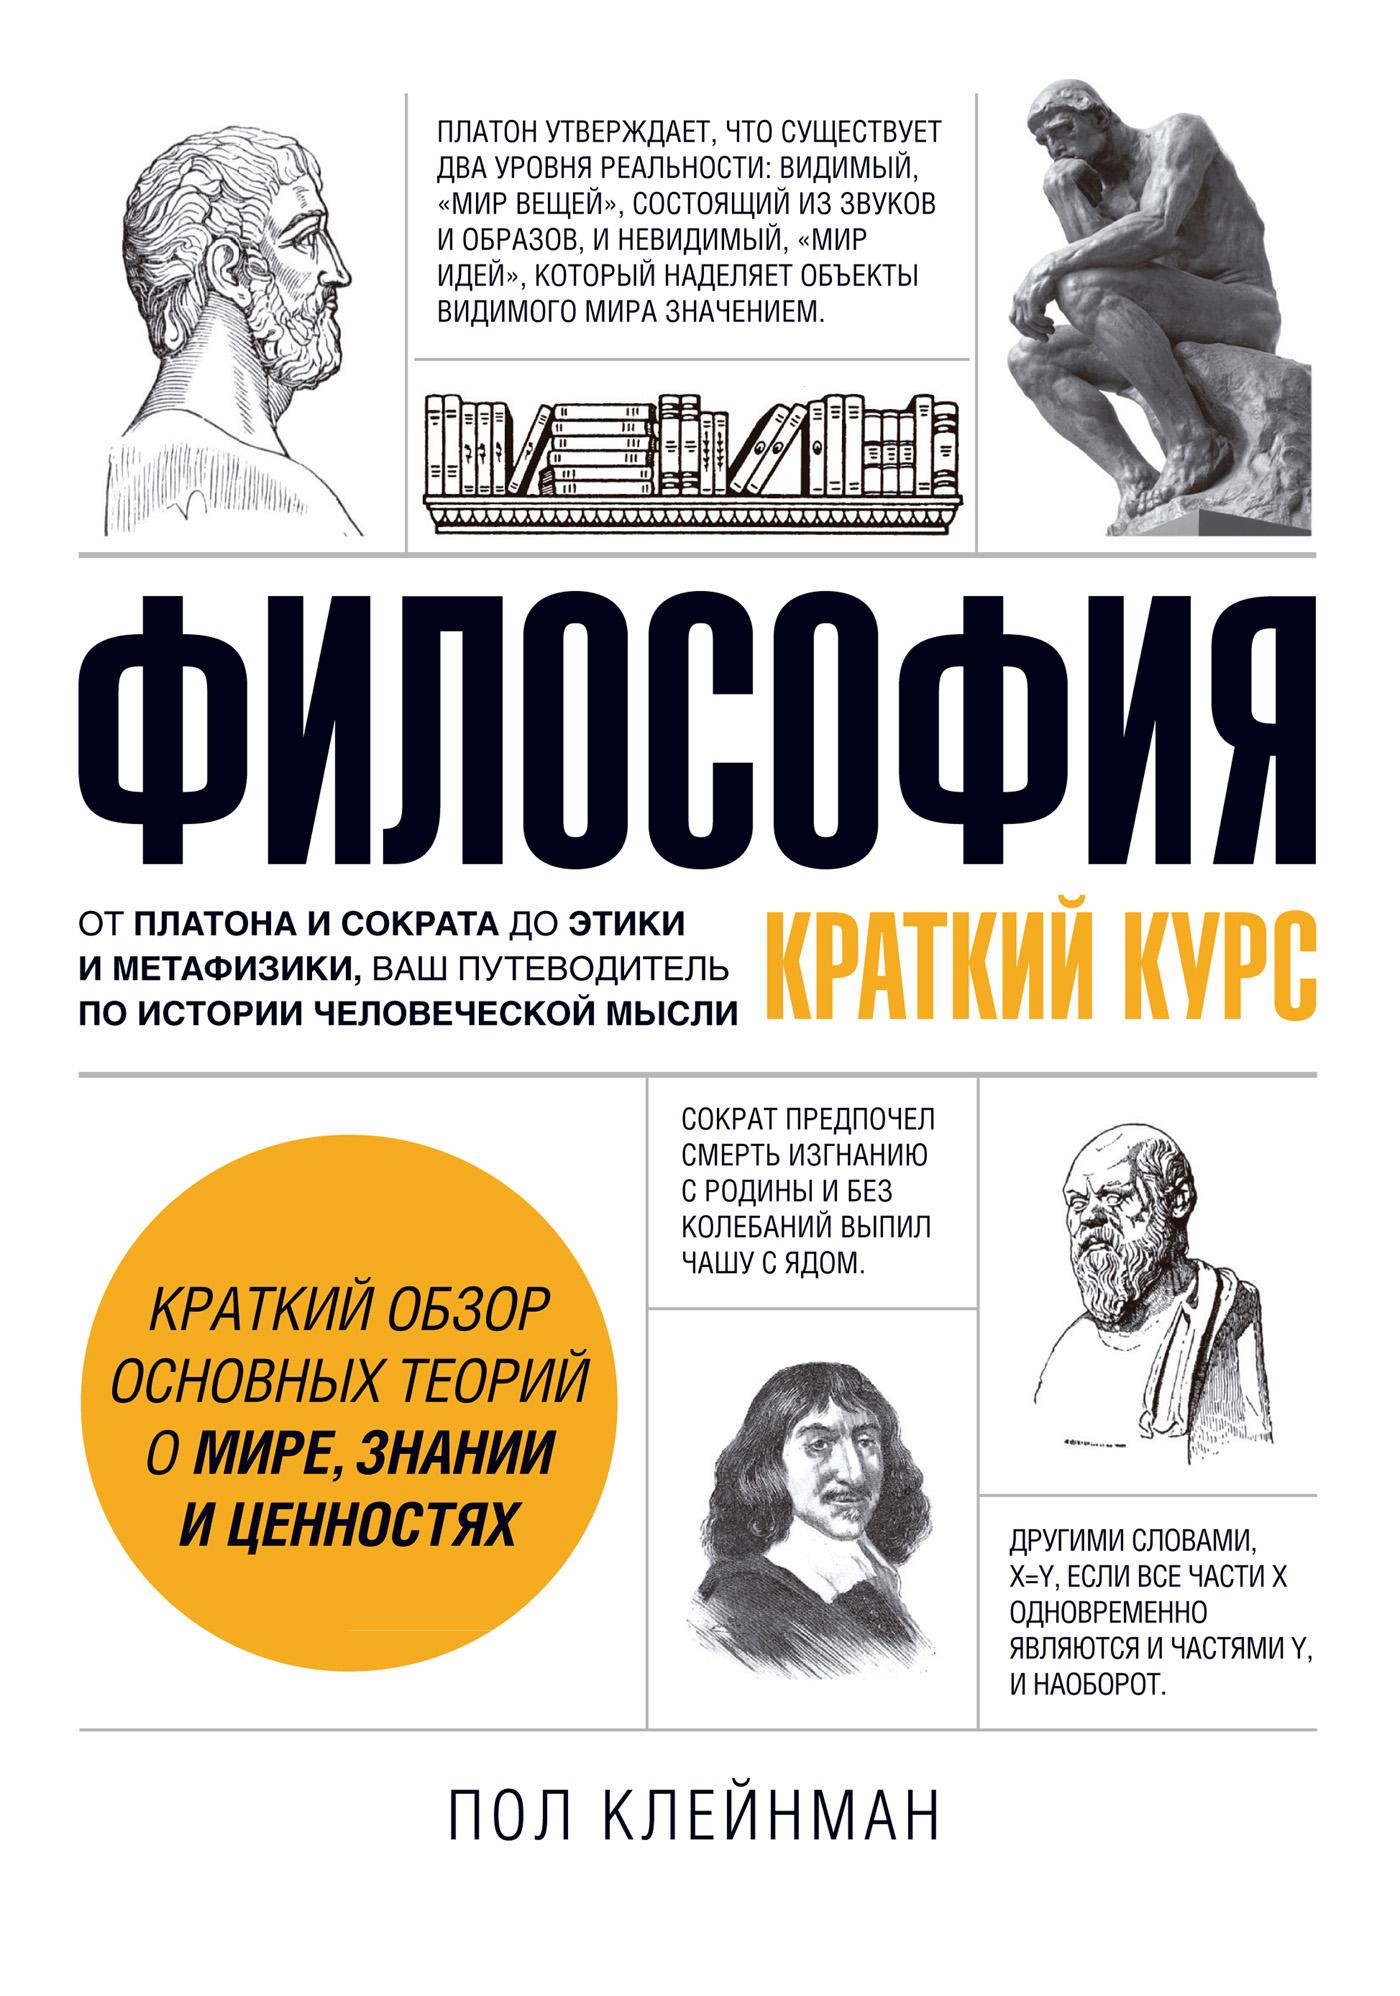 Пол Клейнман Философия. Краткий курс клейнман п философия краткий курс